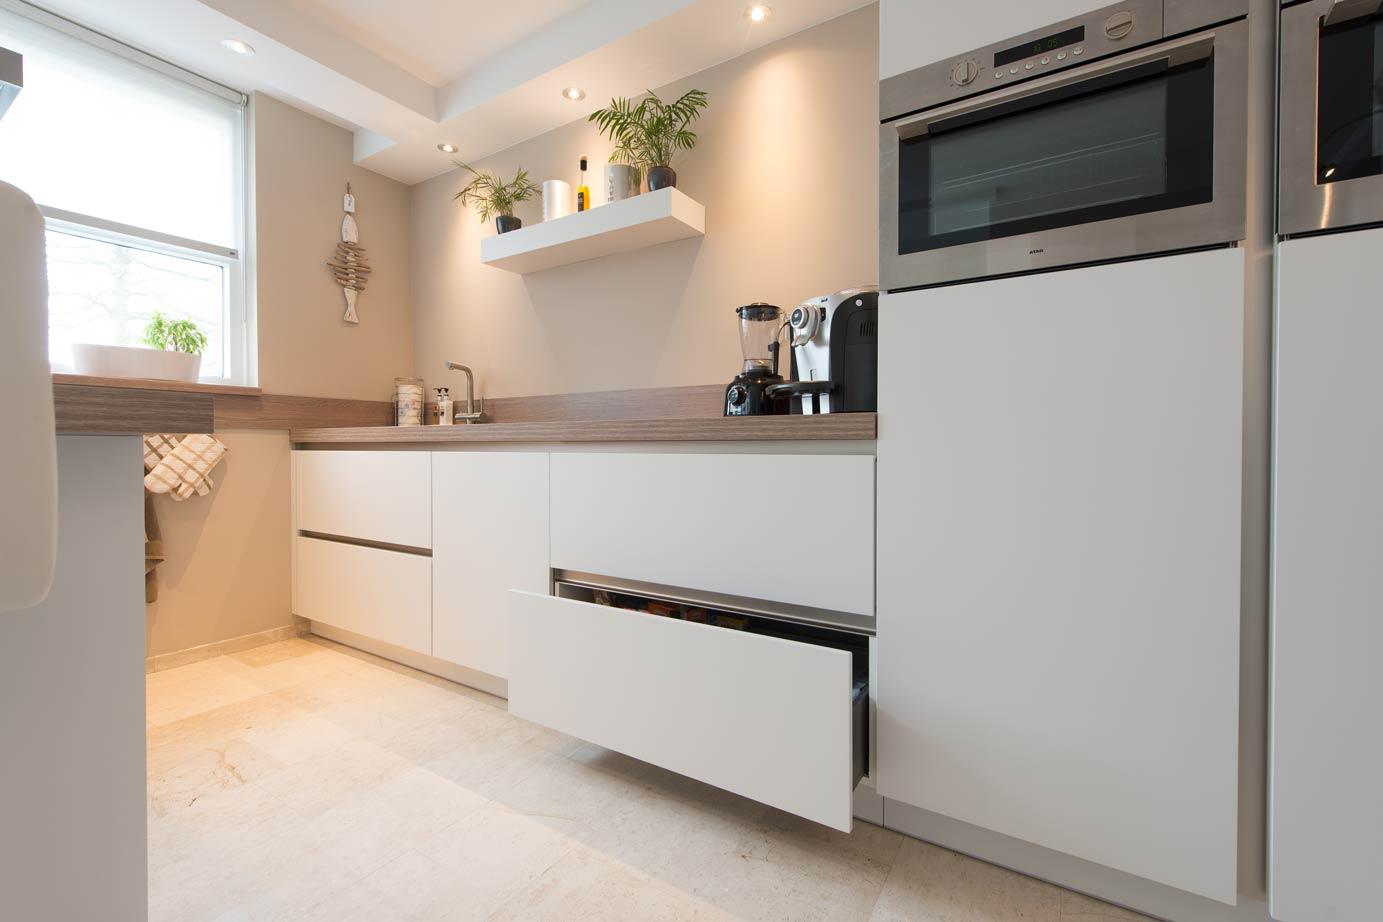 Verlichting Keuken Zonder Bovenkasten : Meer licht. Meer licht en ruimte in de keuken? Lees tips! – DB Keukens